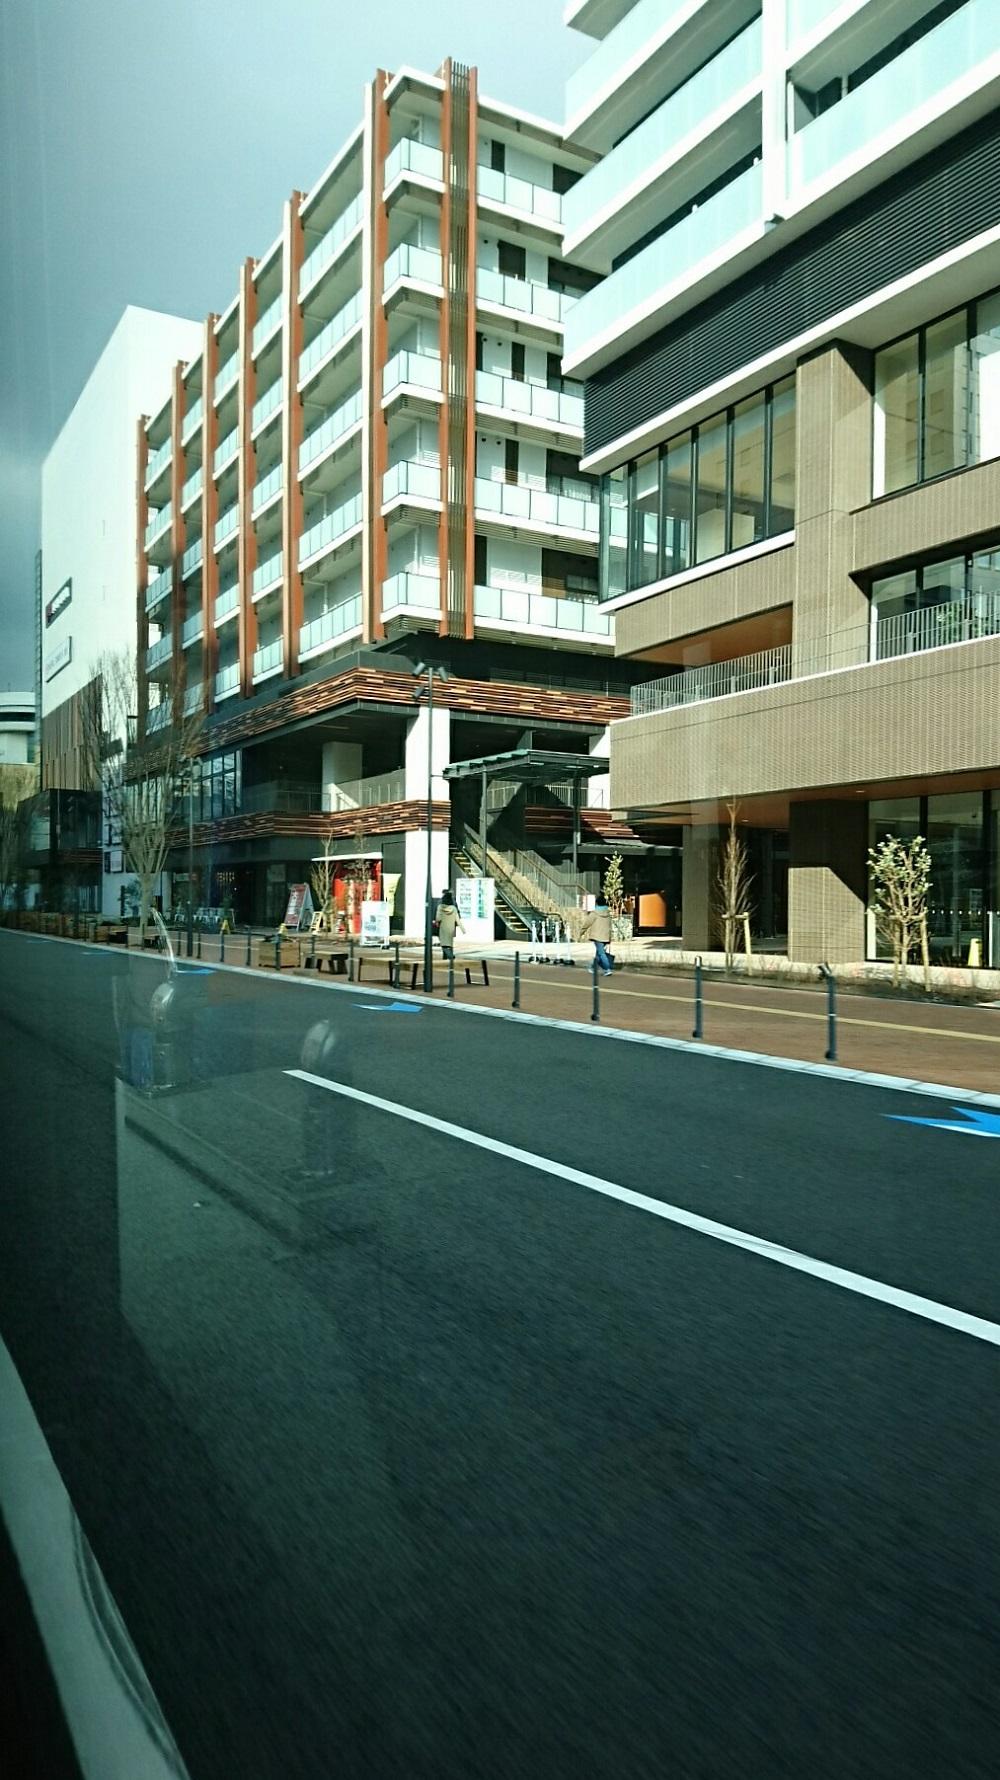 2018.2.5 東山住宅線 (76) キタラ(高令者施設棟) 1000-1780